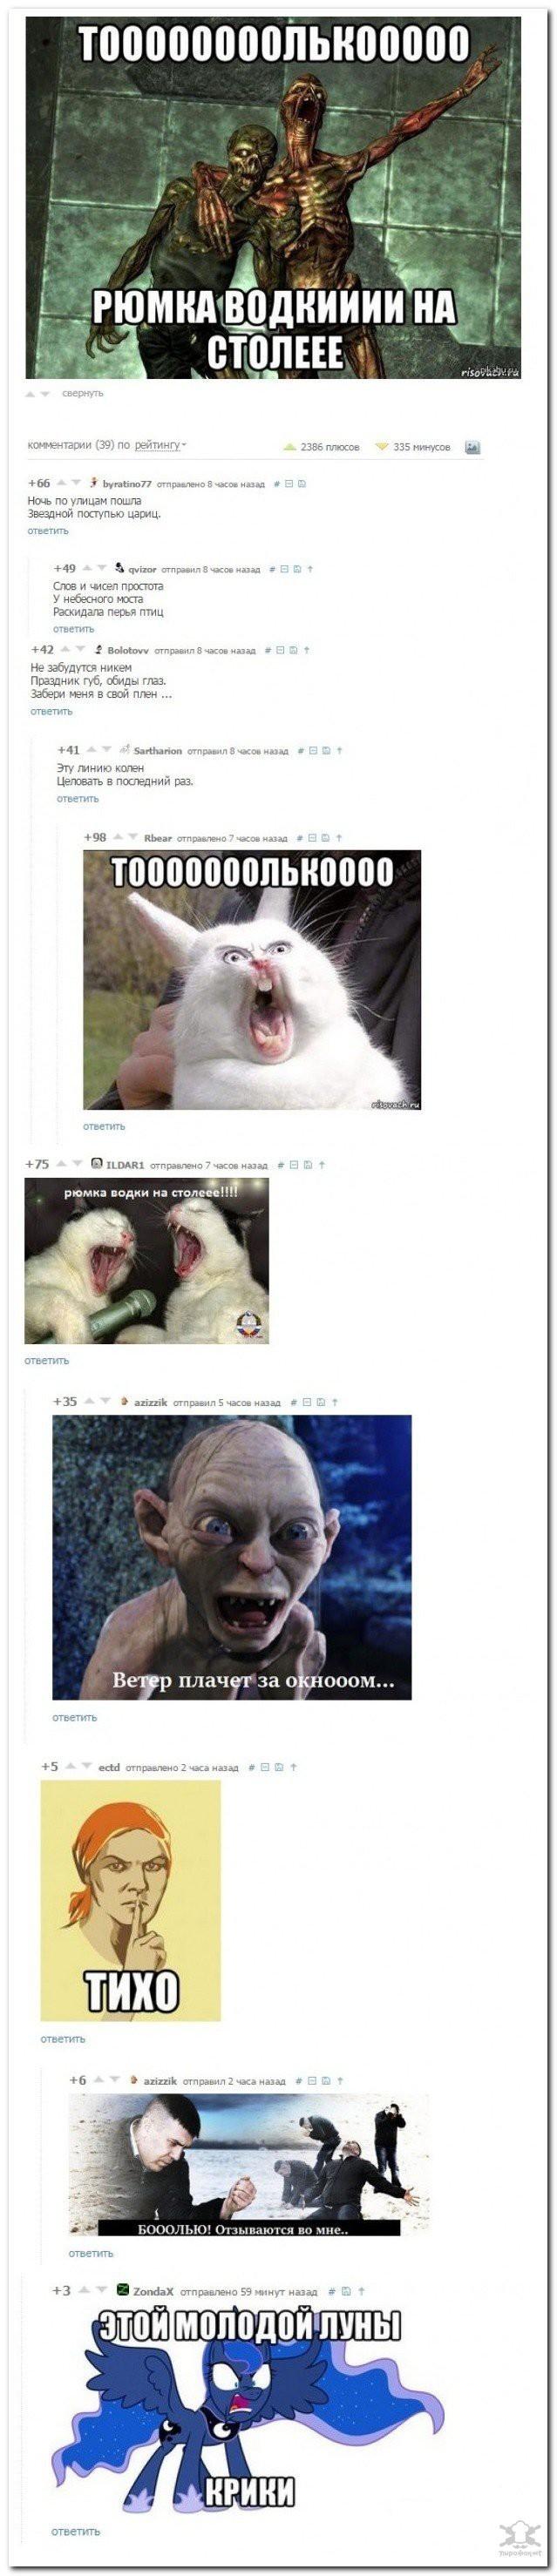 Забавные комментарии из соцсетей (16 фото)